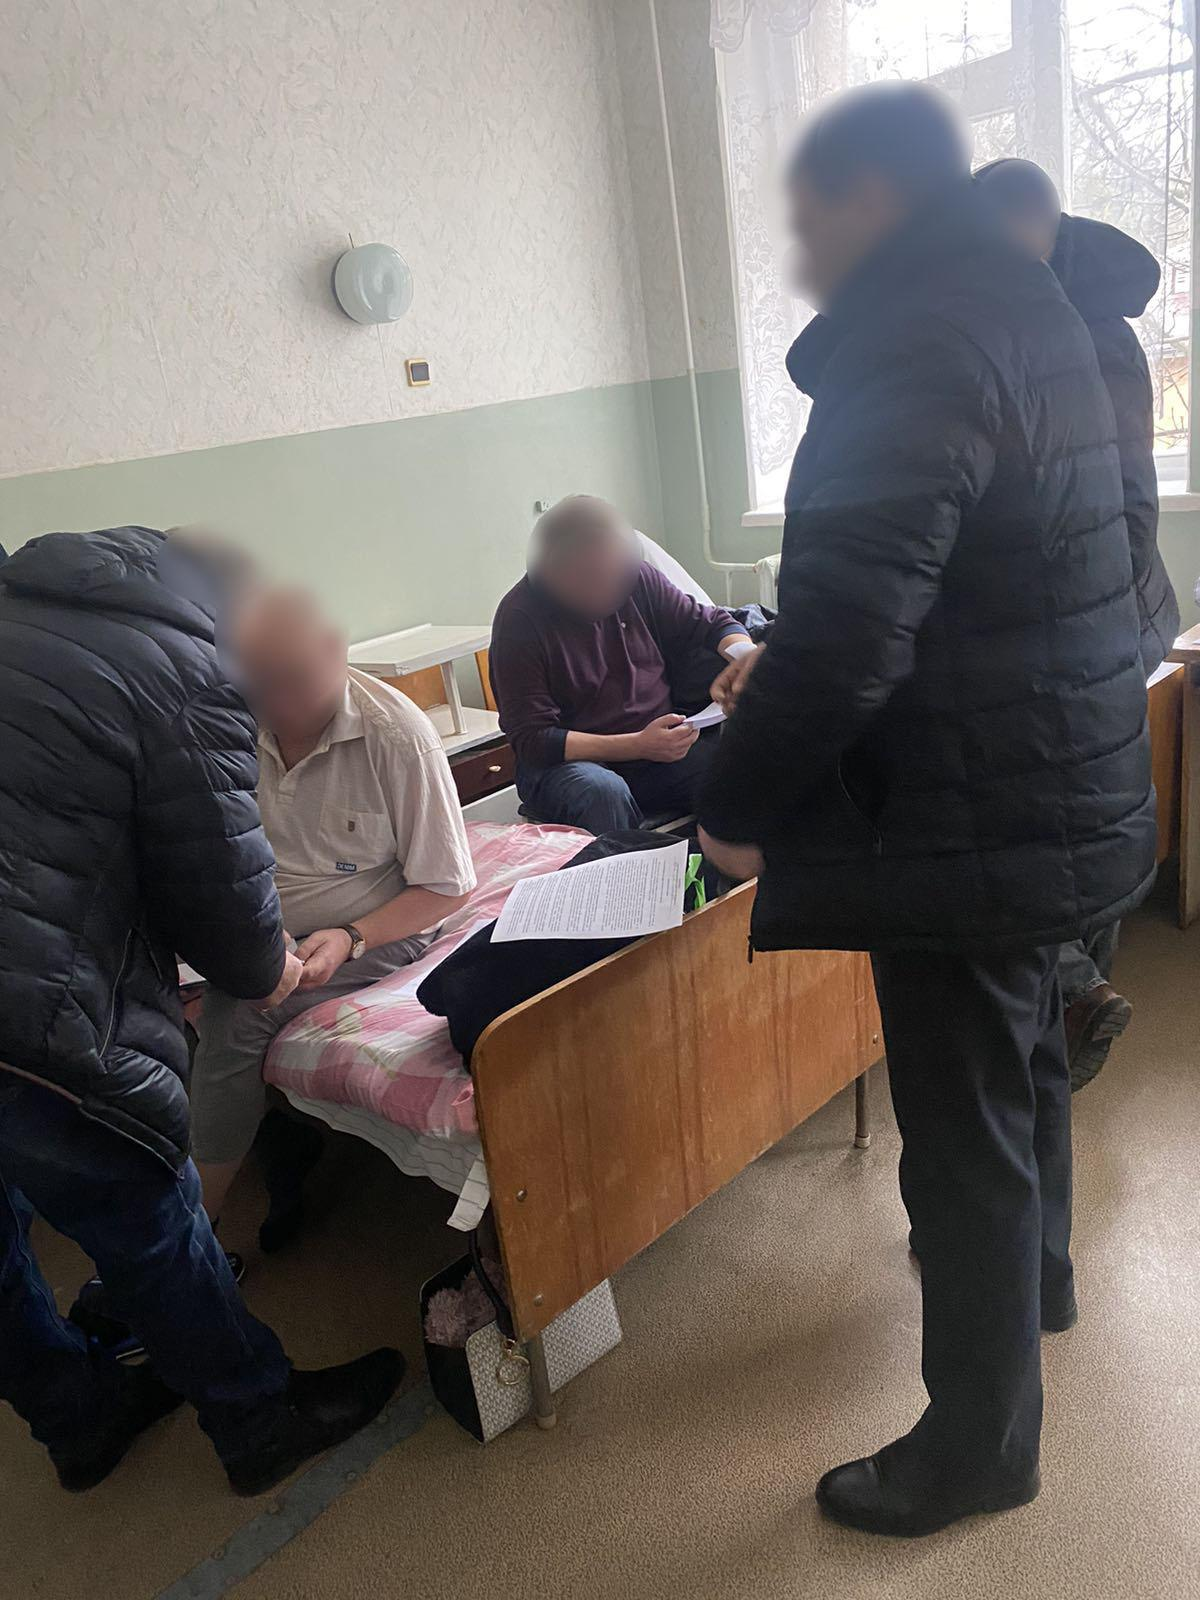 На Вінниччині затримали адвоката, який намагався передати хабар (Фото)